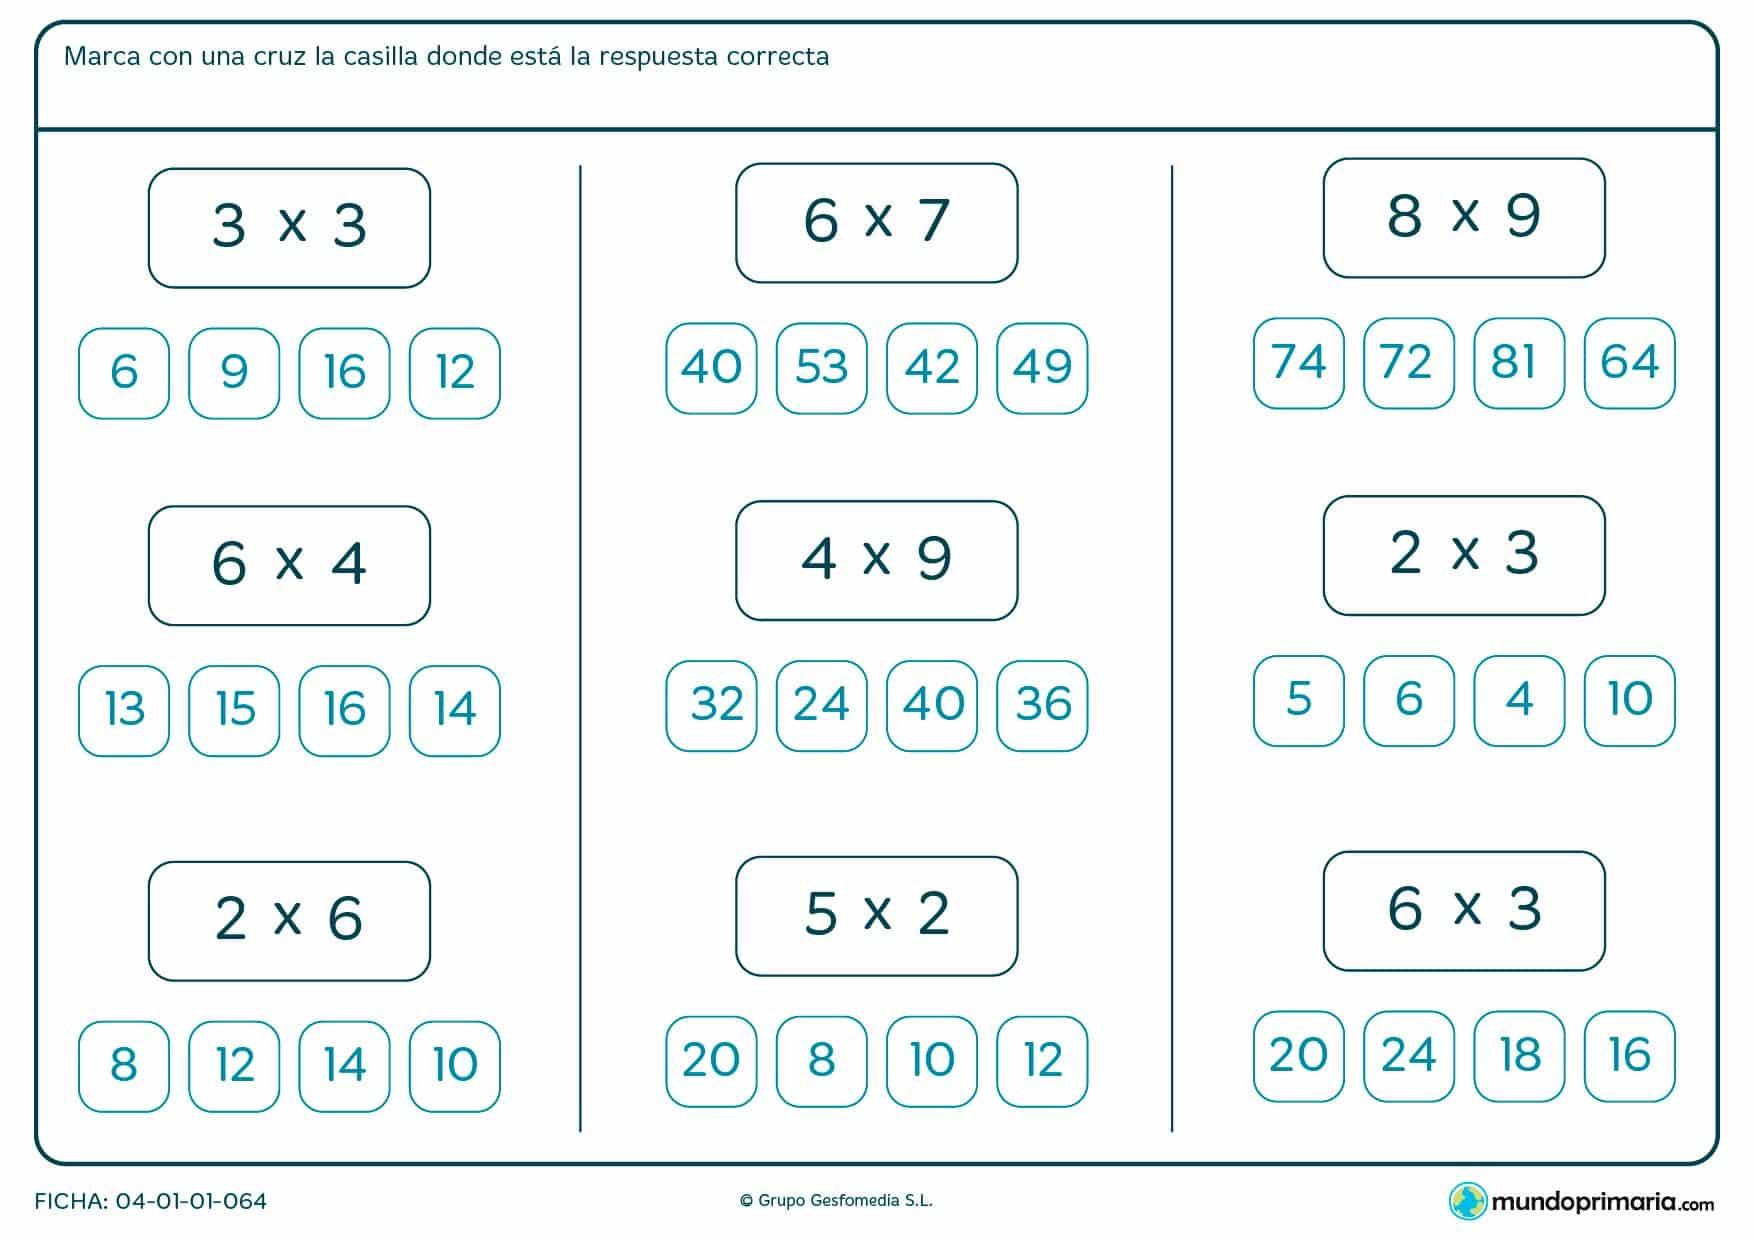 Ficha de marcar la solución de multiplicaciones de siete a ocho años por la que marcarán qué solución tienen las multiplicaciones indicadas de entre todas las posibles dadas.